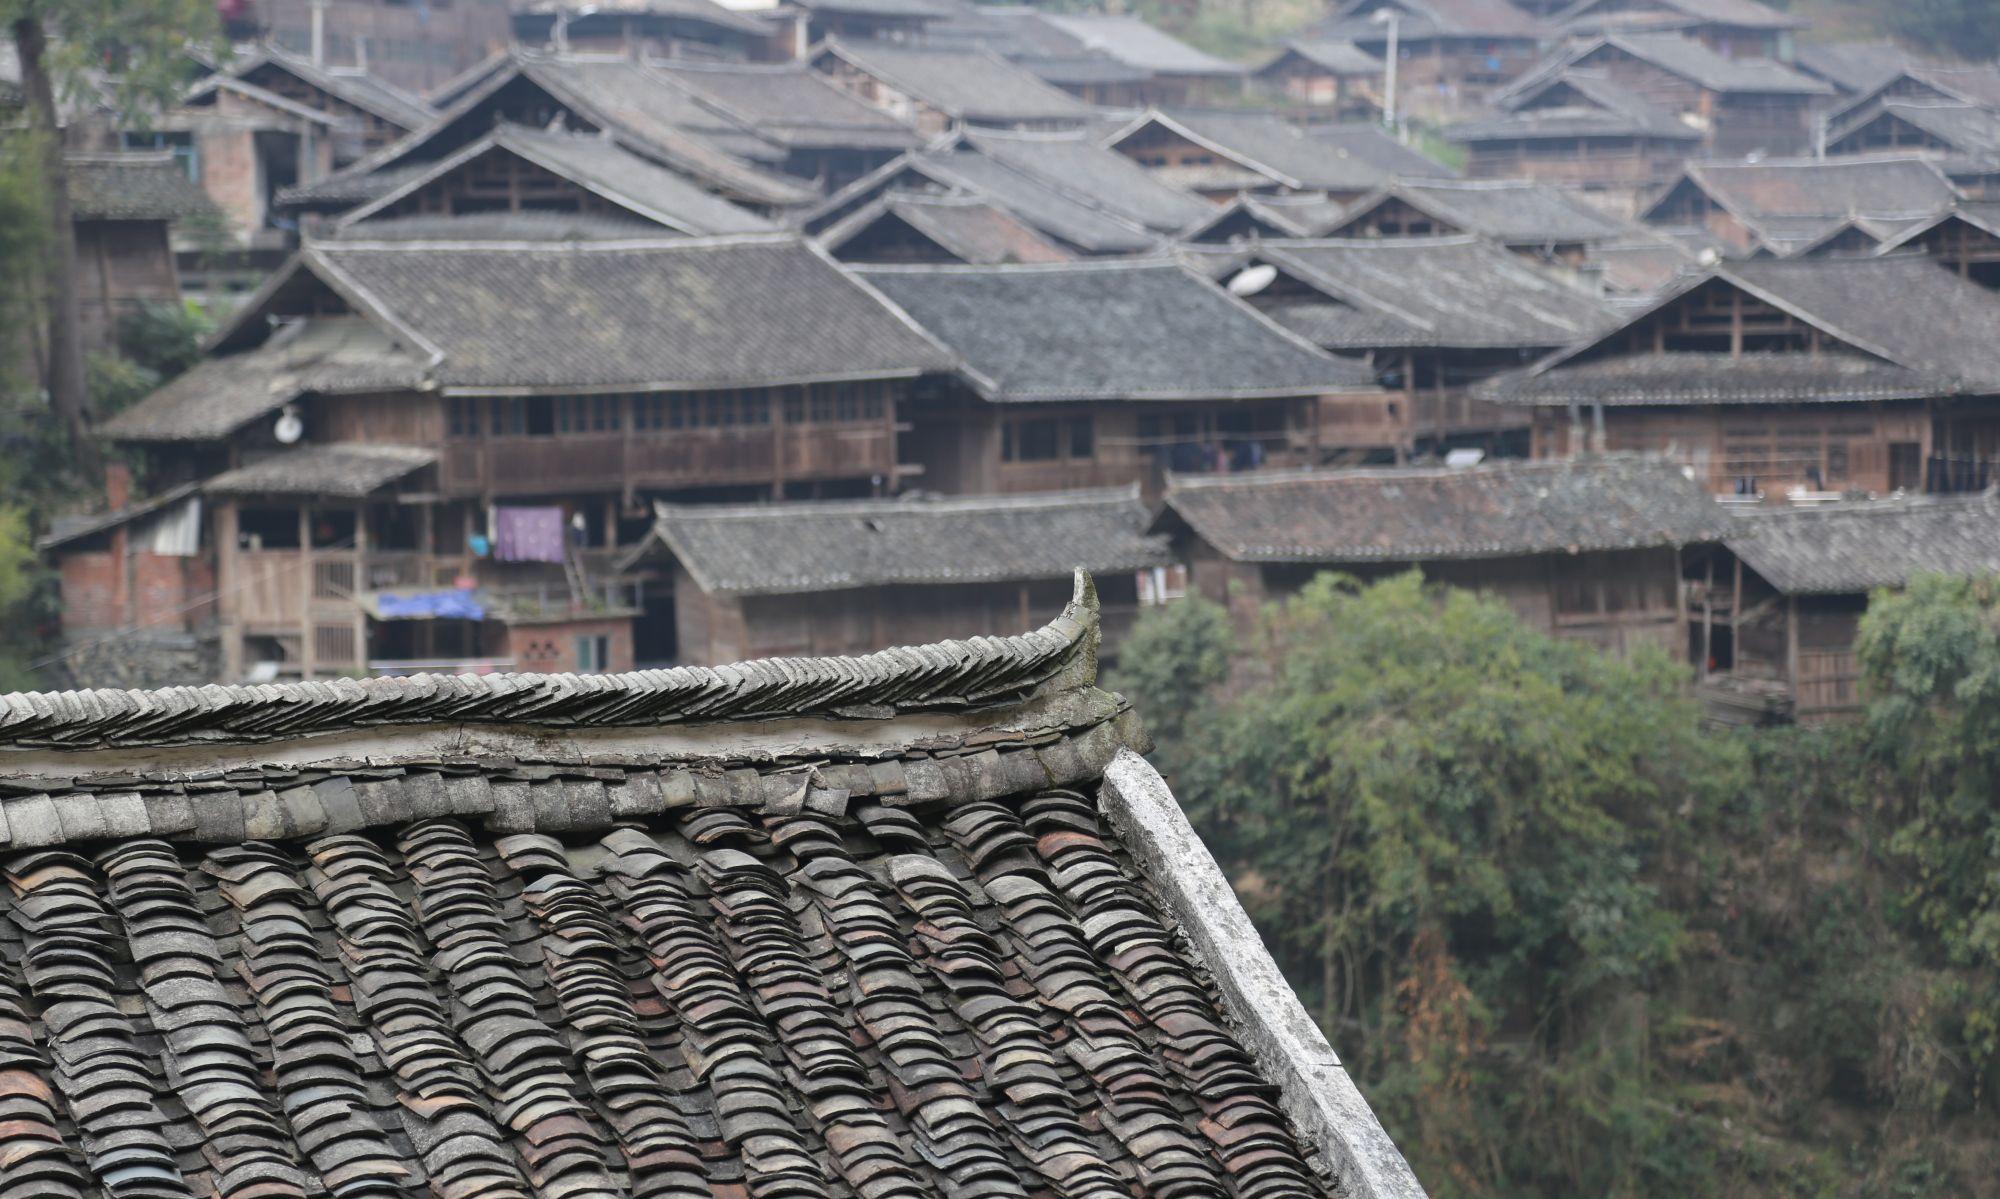 贵州乌公侗寨吊脚楼是侗民居室,是当地建筑特有的风格